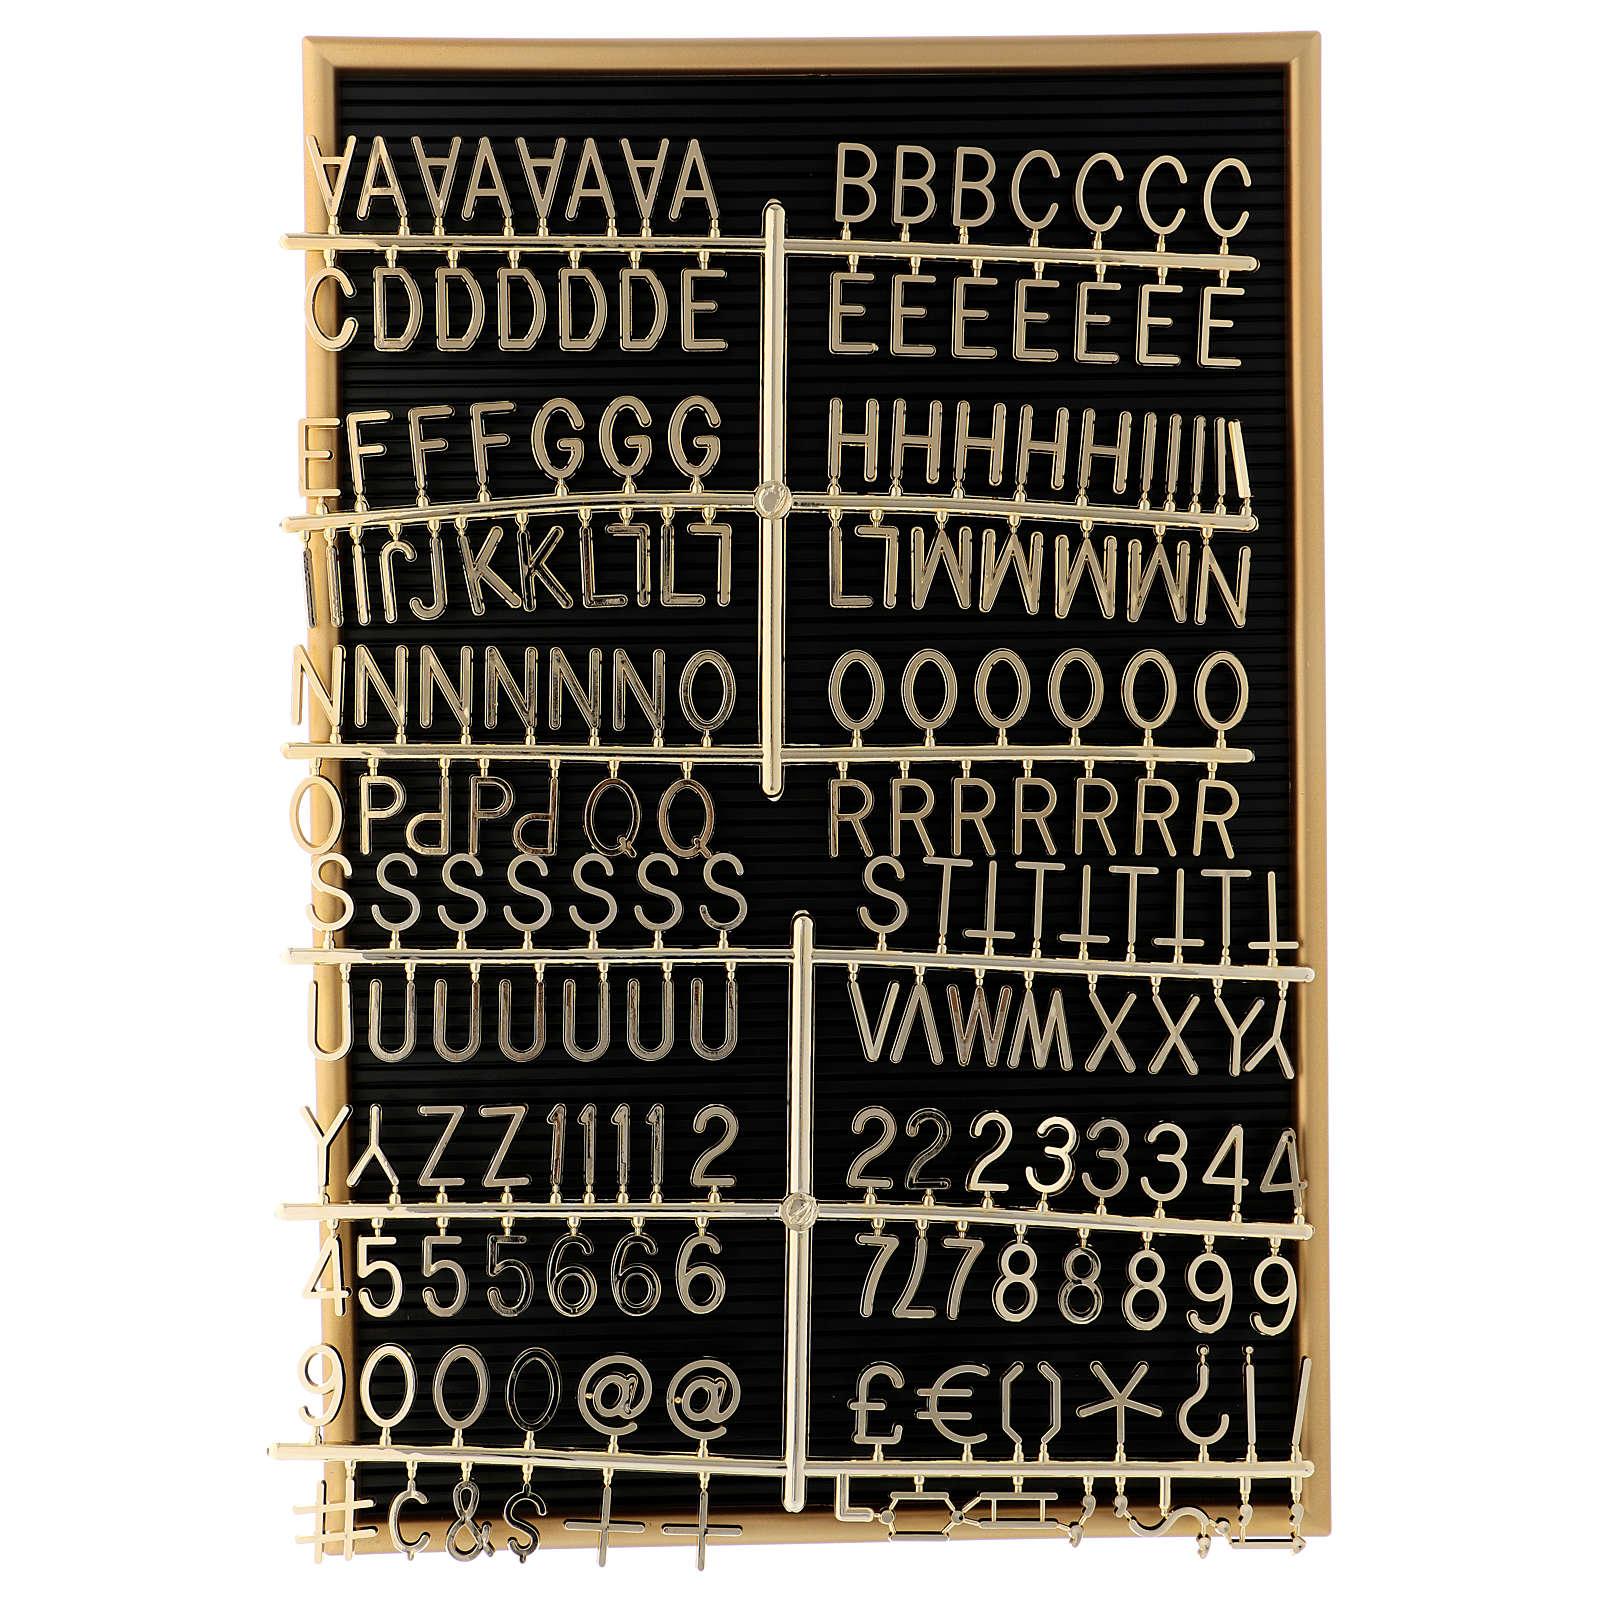 Quadro de avisos com letras e símbolos removíveis 45x30 cm 3